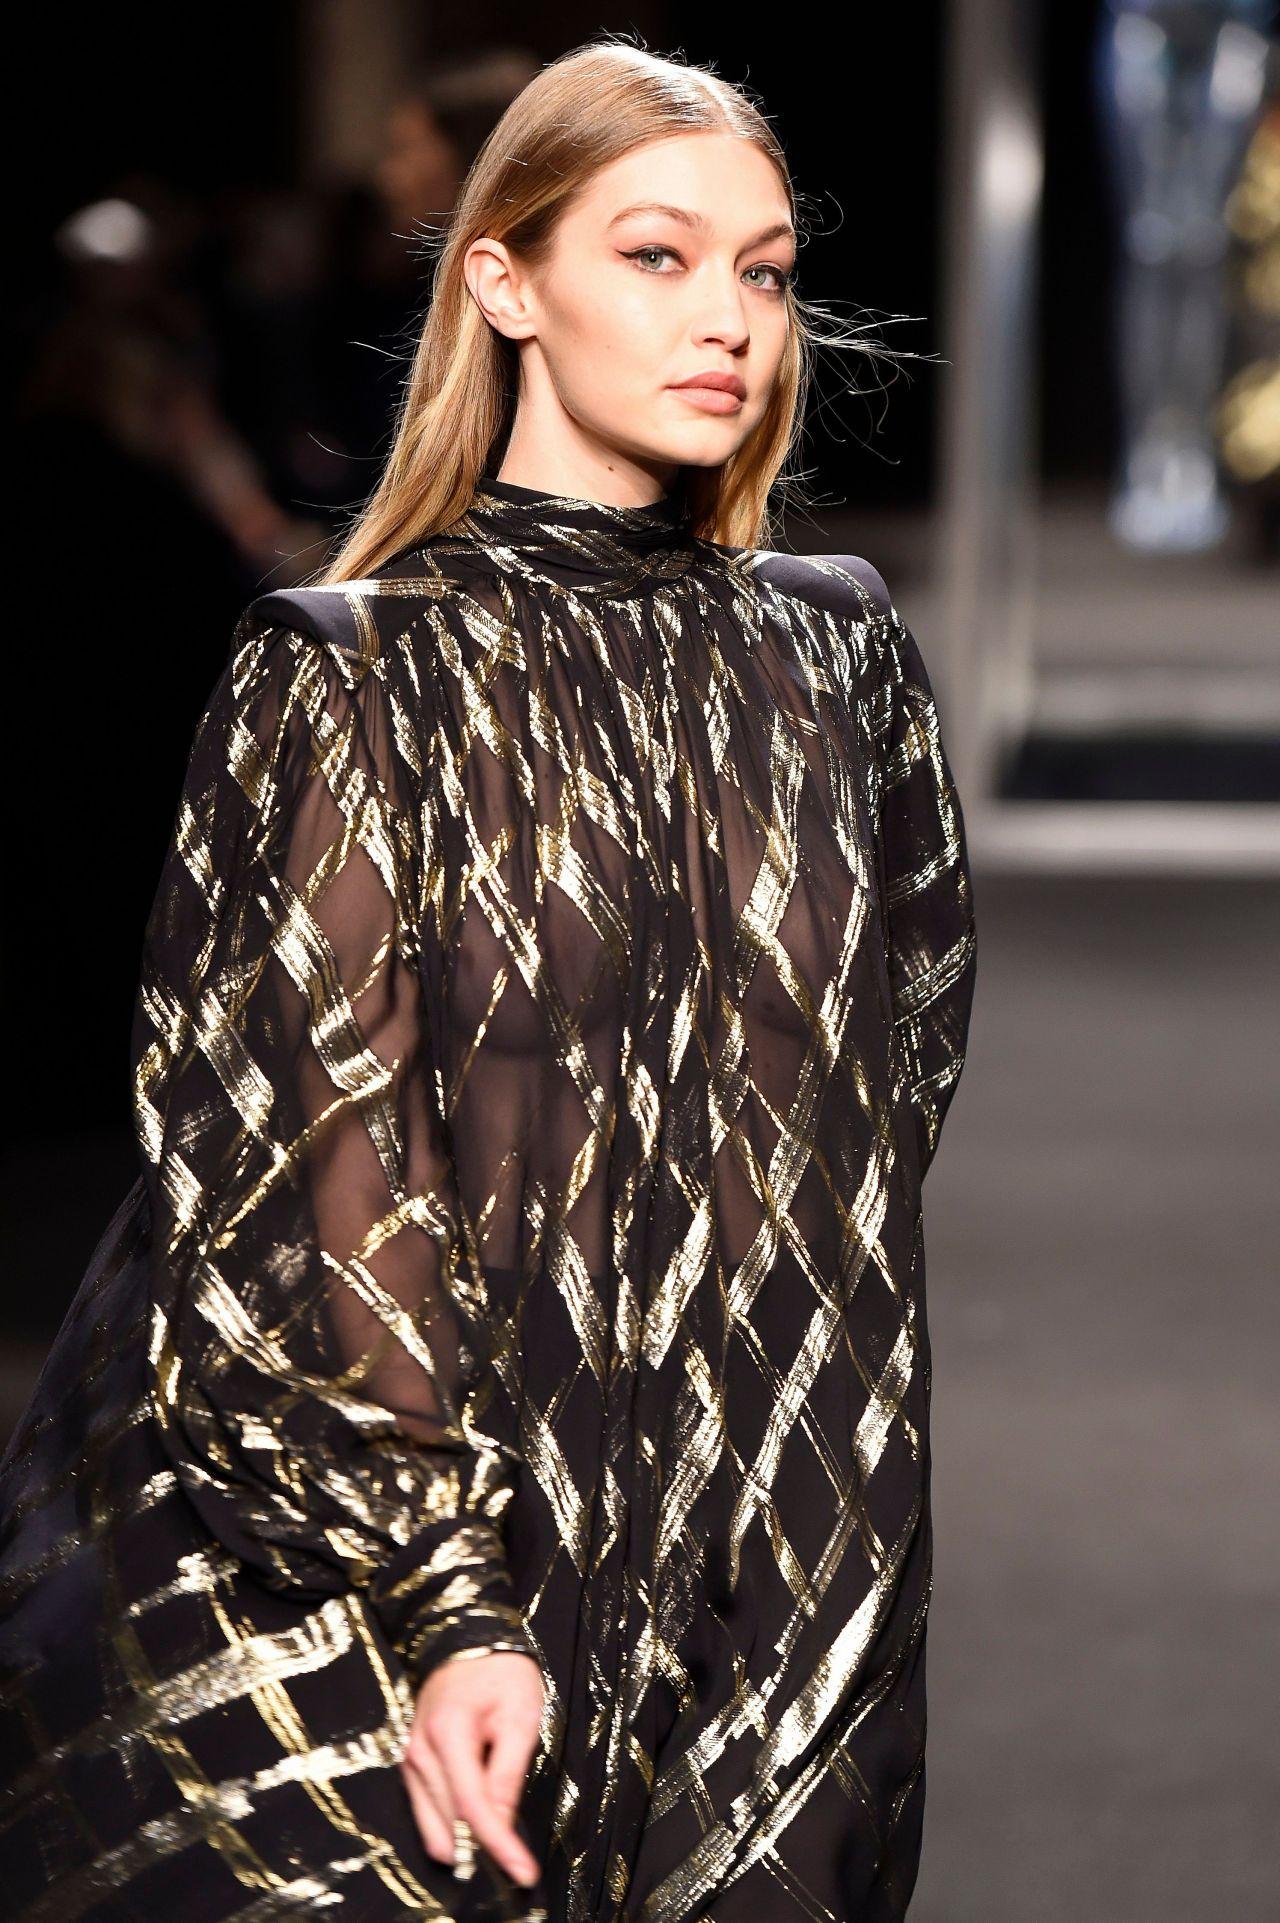 Gigi Hadid Supermodel Runway Walk